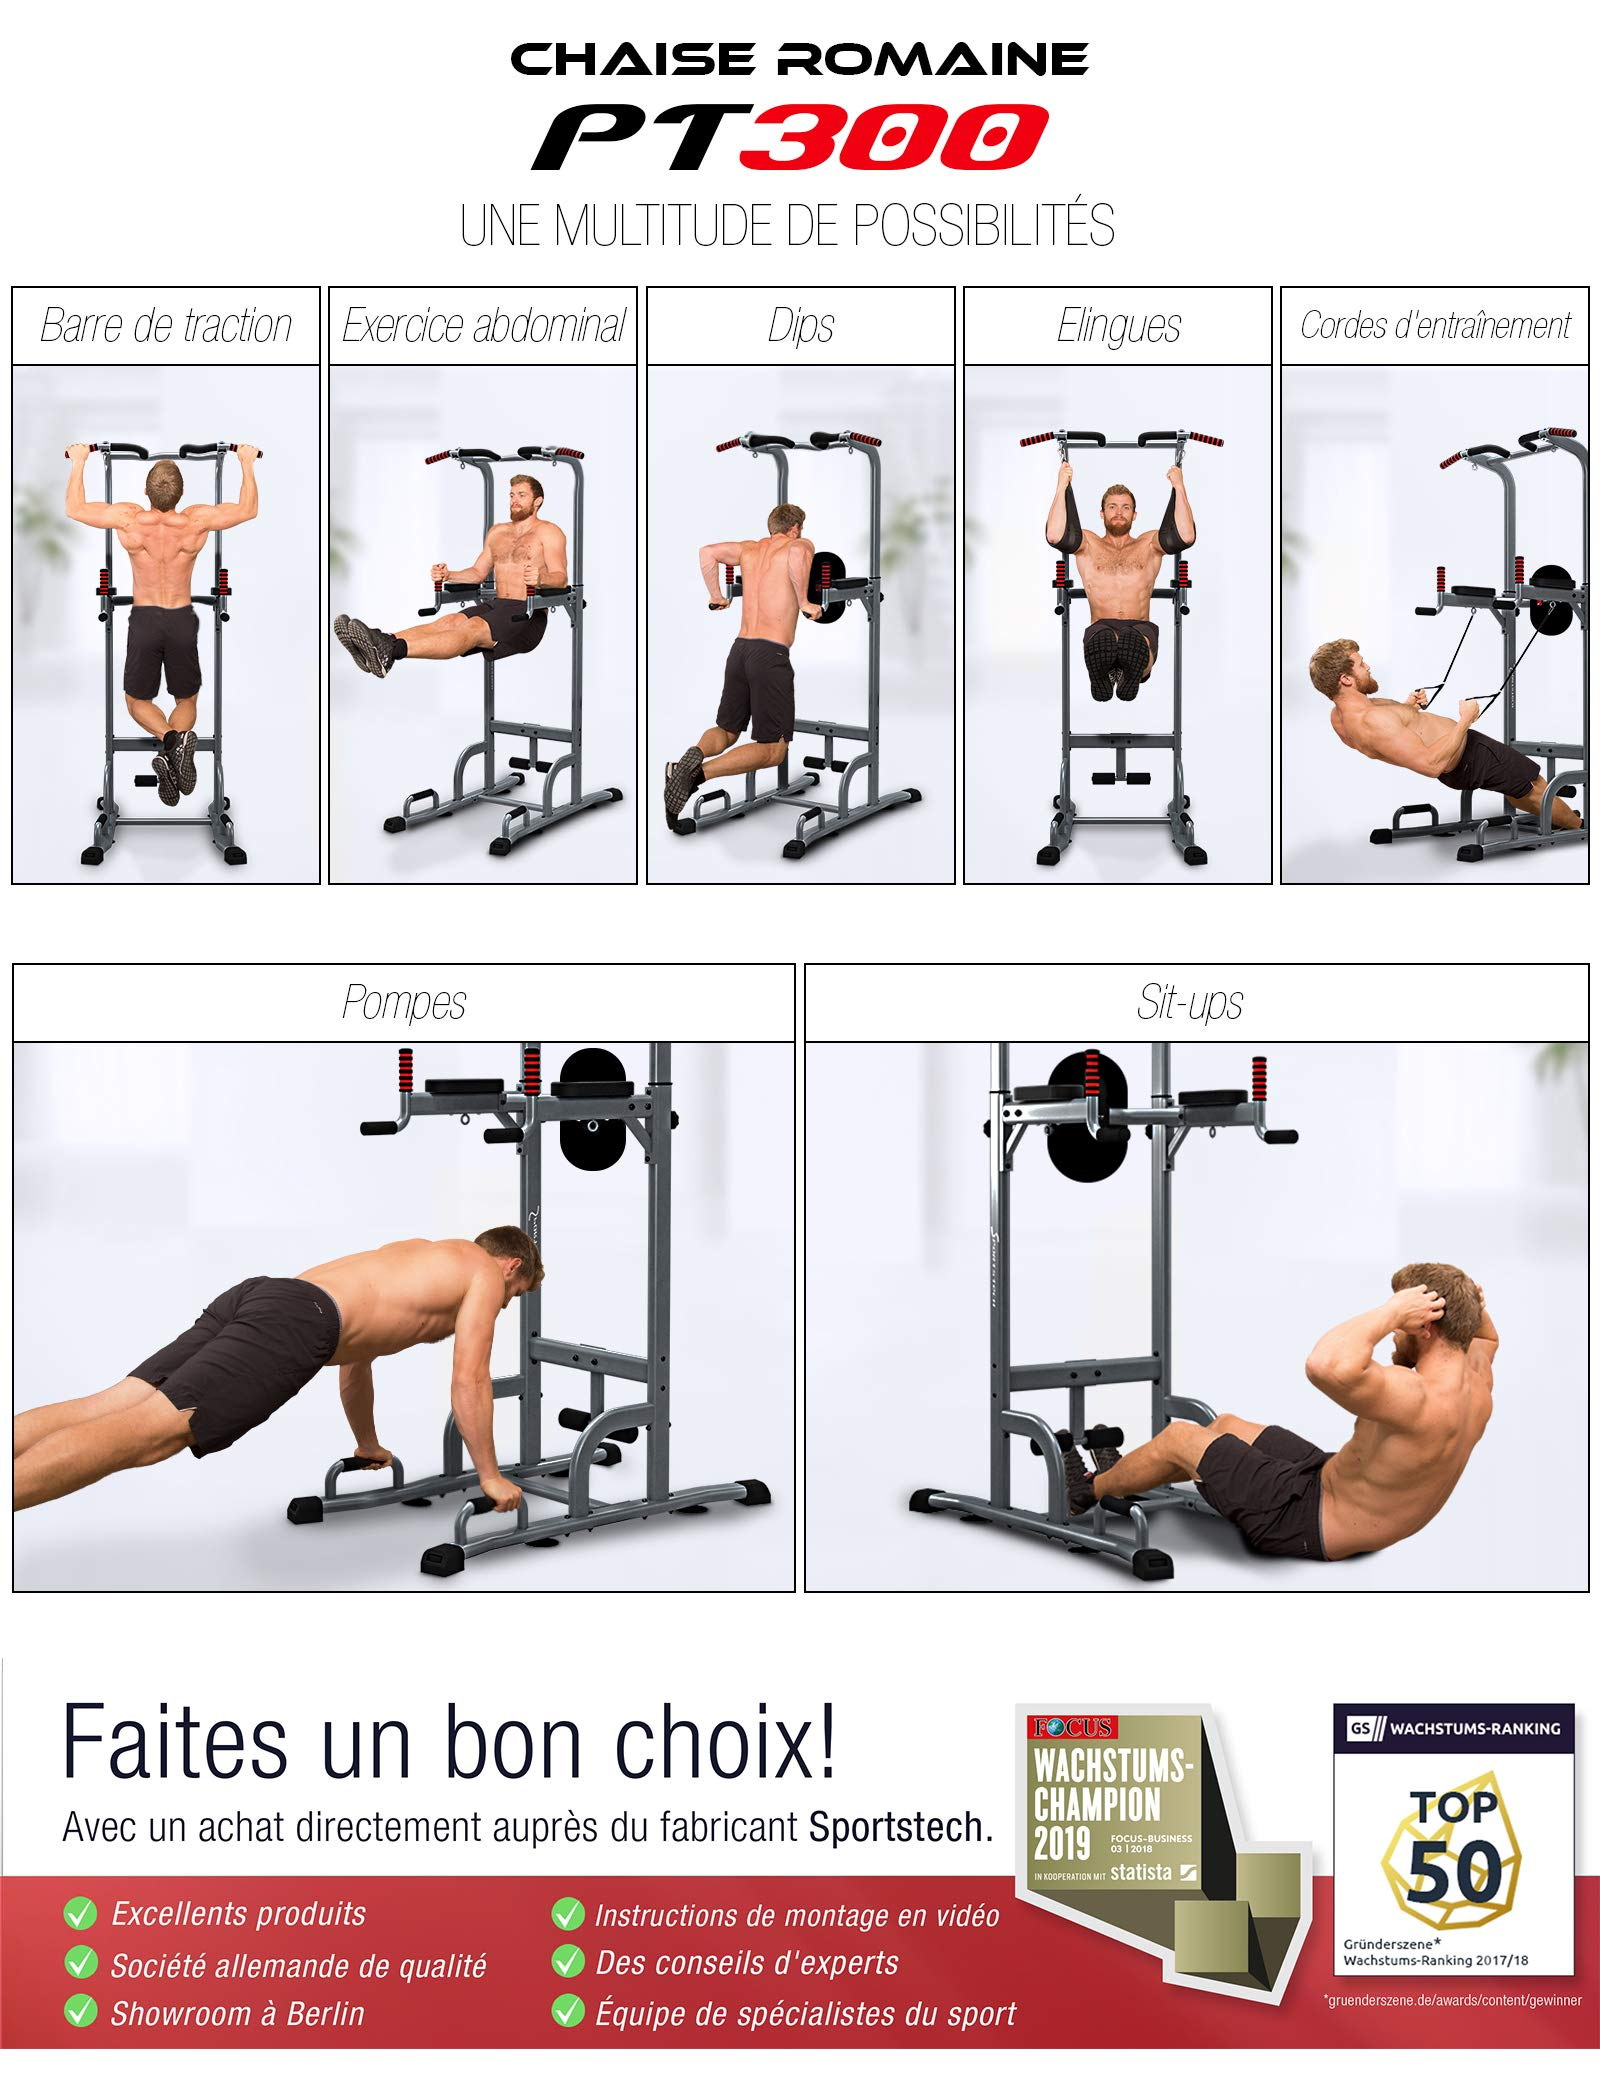 Sportstech Chaise Romaine 7 En 1 Pt300 Power Tower Tour De Musculation Multifonctions Barre De Traction Station De Fitness